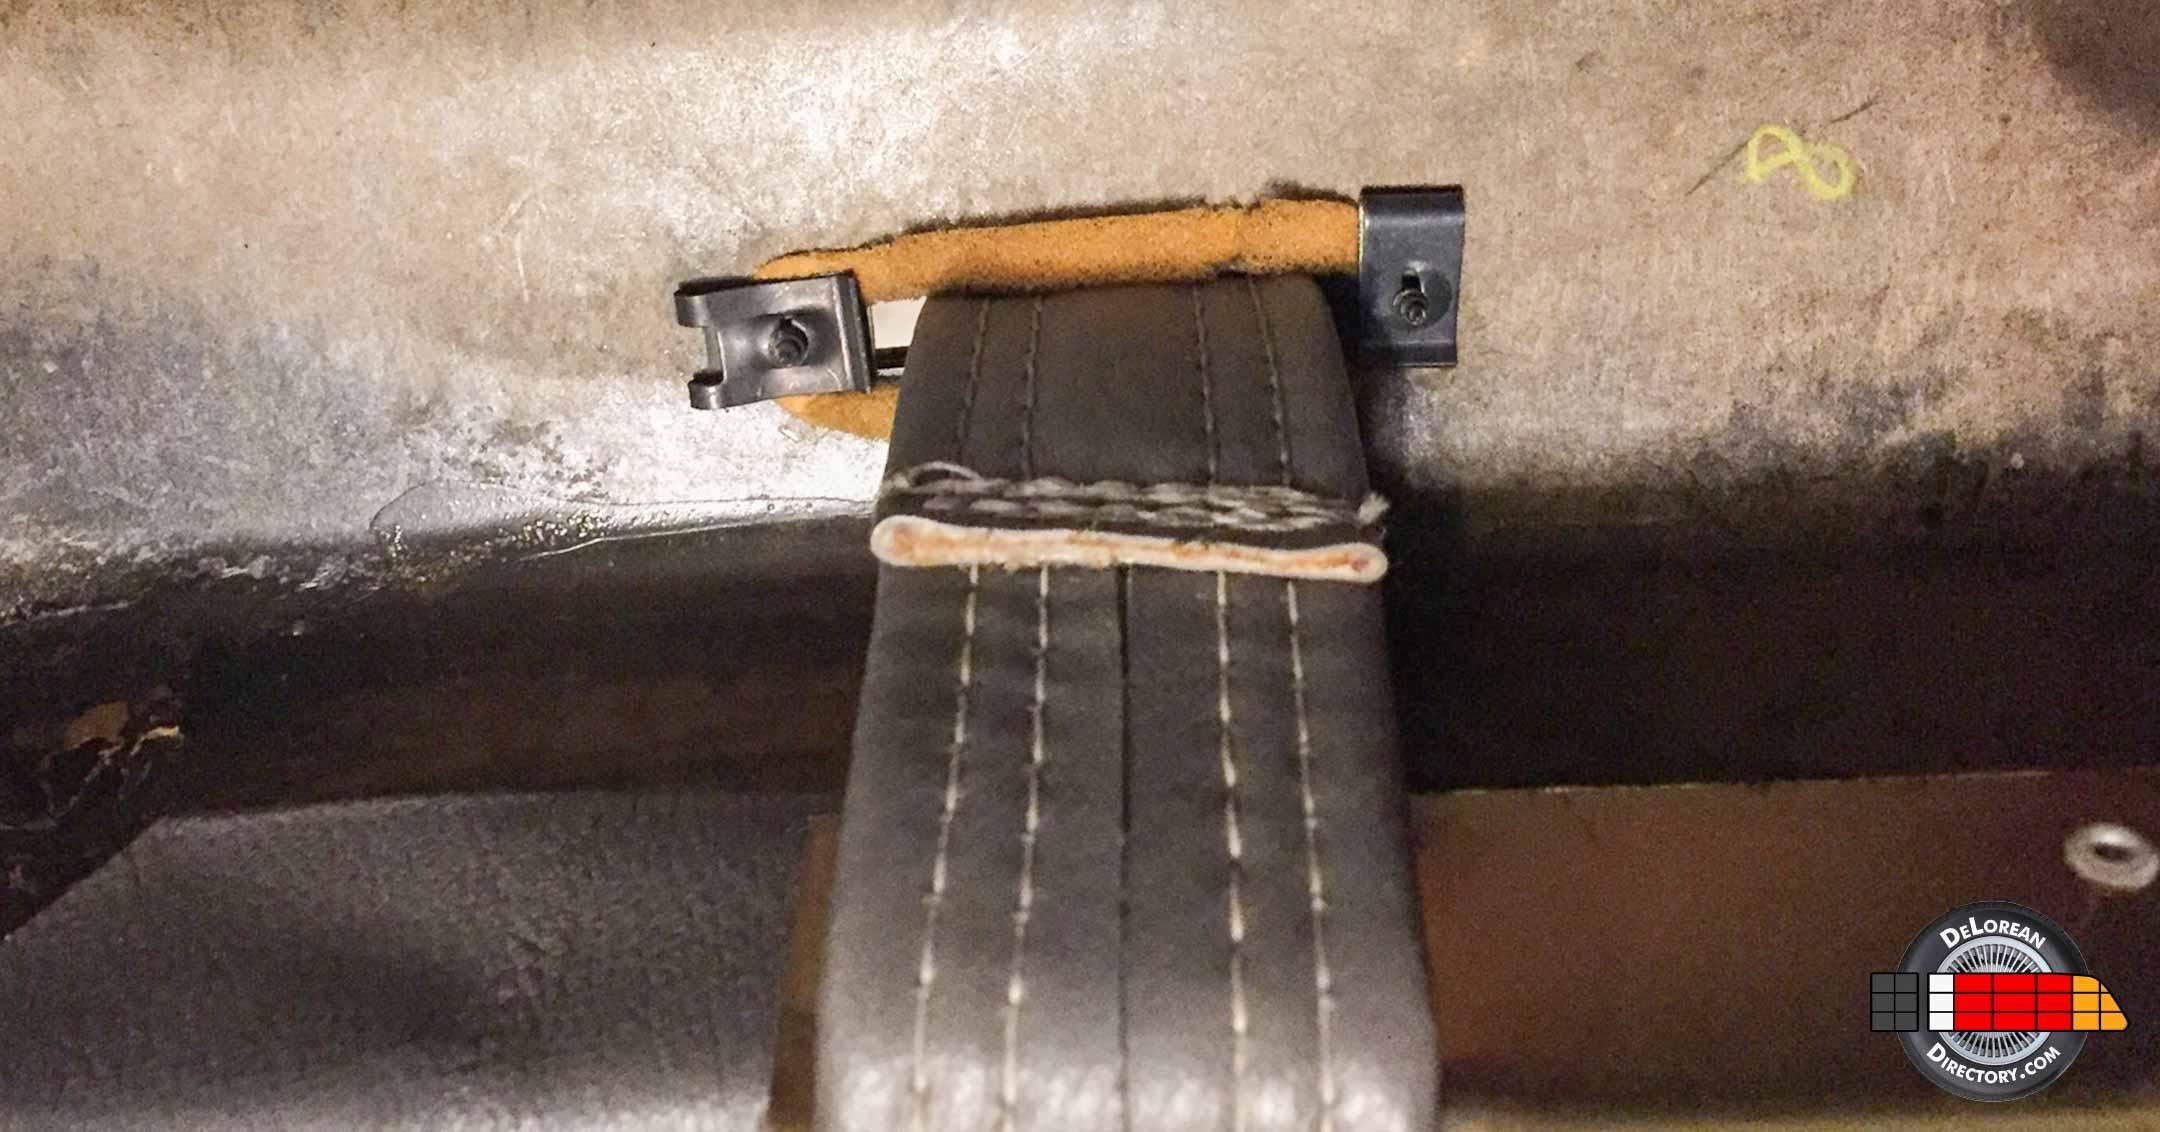 DeLorean Reference Photos: Pull Strap Bezel | DeLoreanDirectory.com